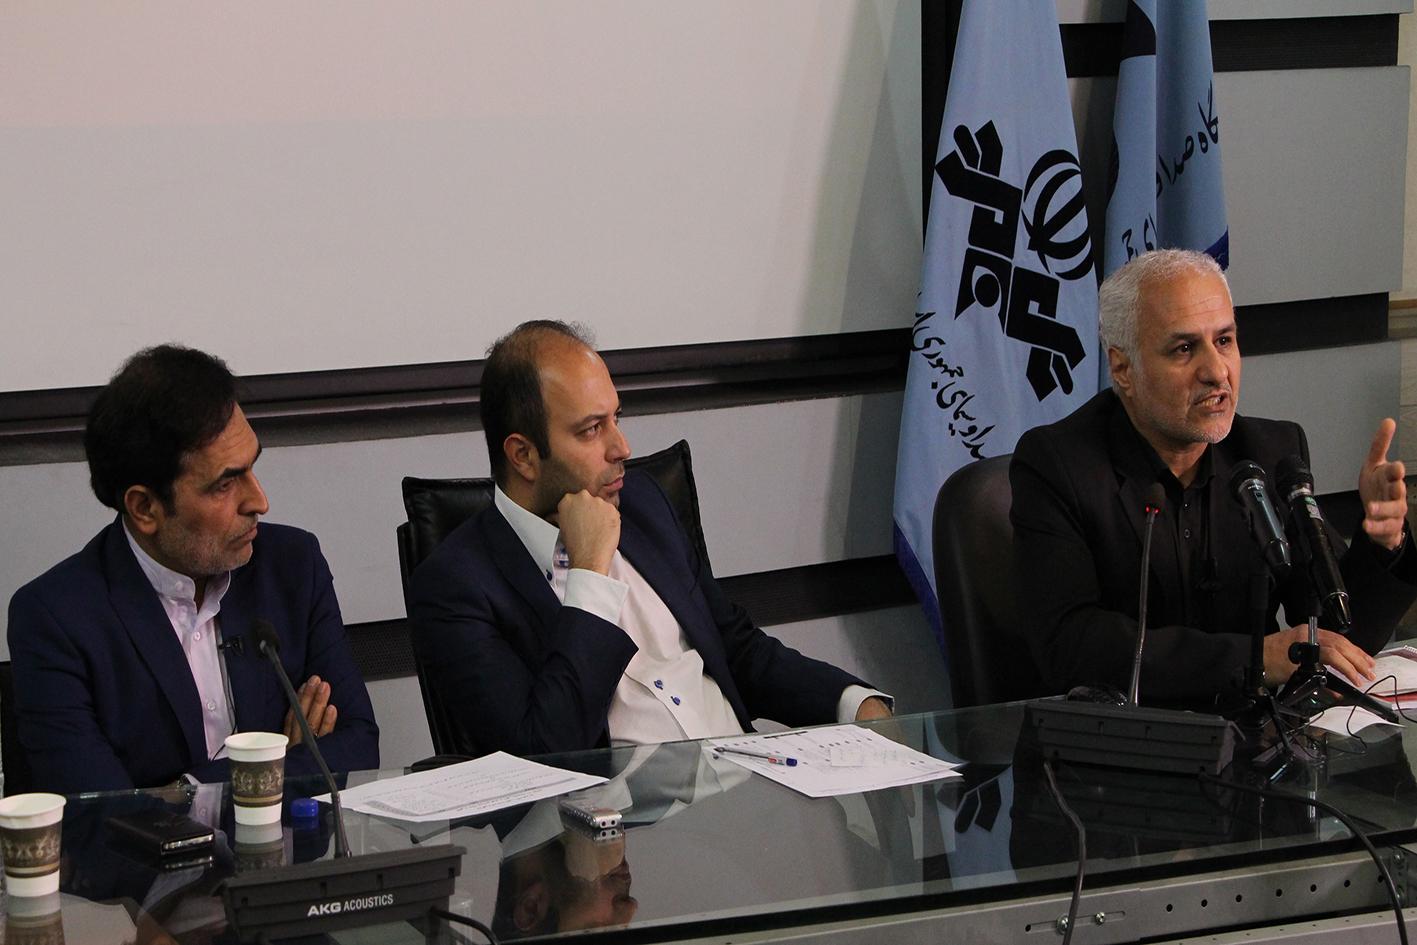 سخنرانی استاد حسن عباسی در دانشگاه صداوسیما - نشست تخصصی رسانه و تروریسم